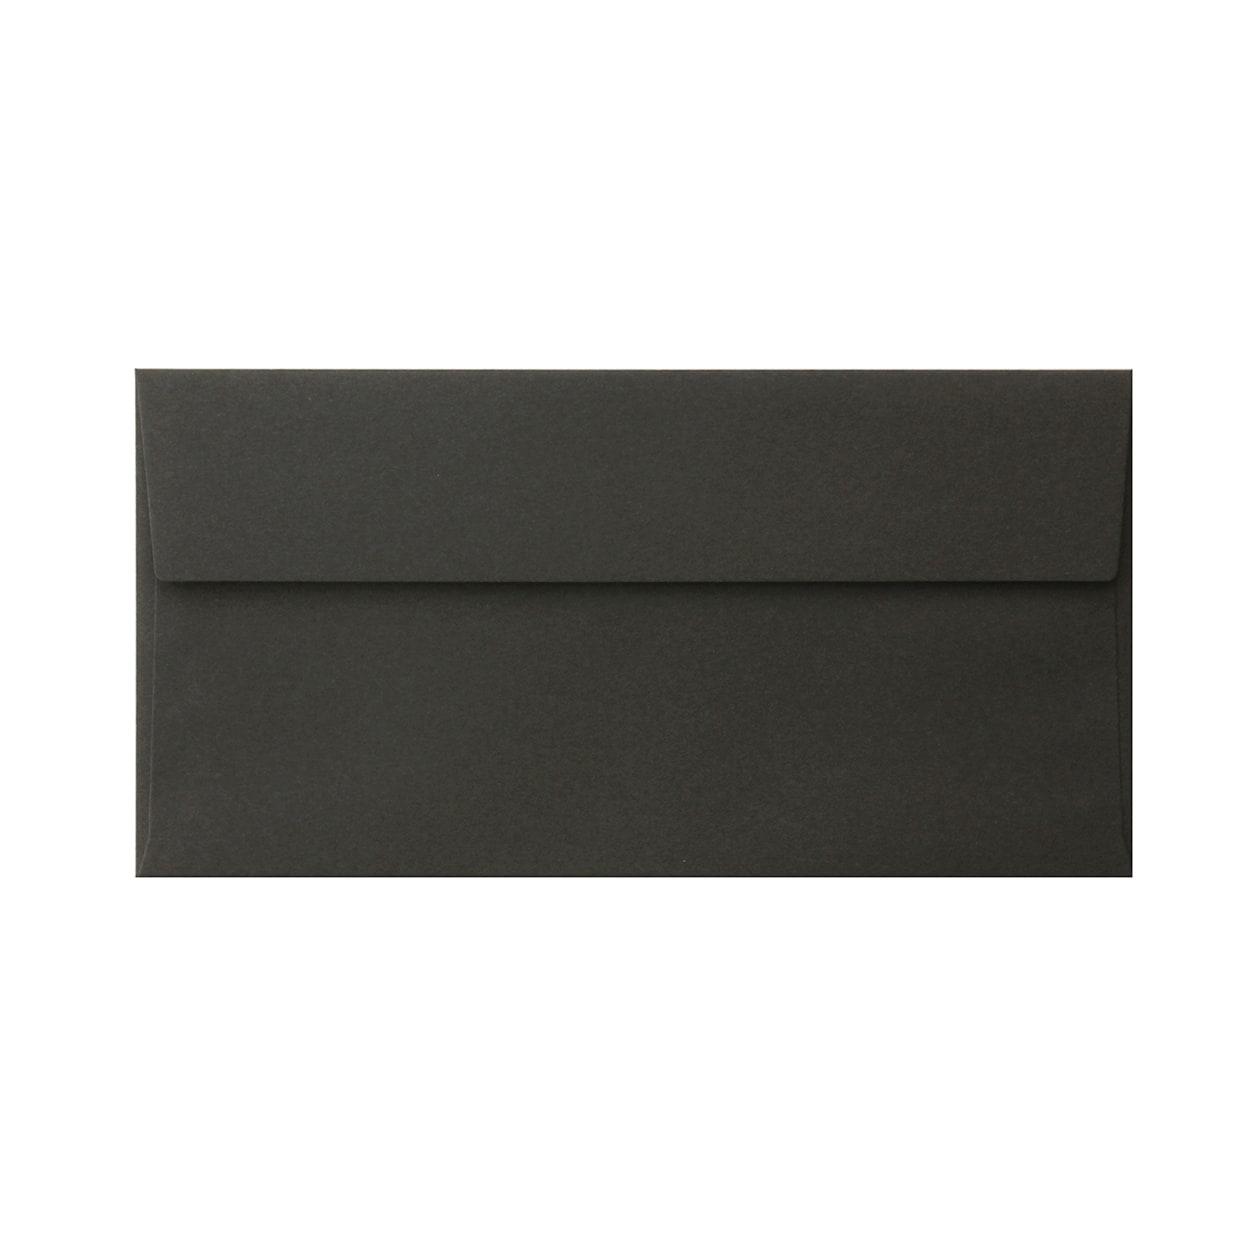 長3カマス封筒 コットン(NTラシャ) 黒 116.3g